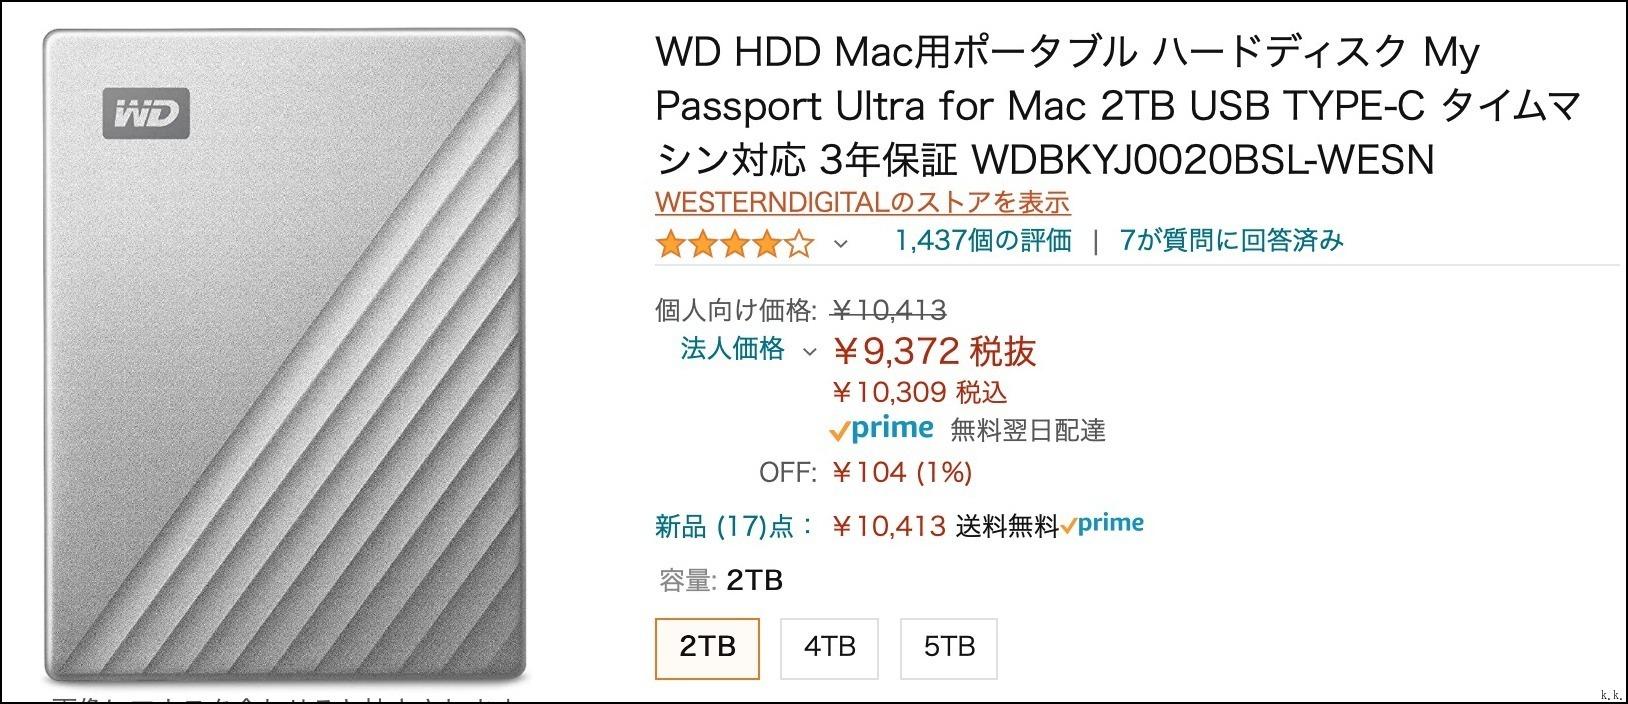 バックアップ用に久しぶりに新しい外付けハードディスクを買いました_a0031363_03404260.jpg